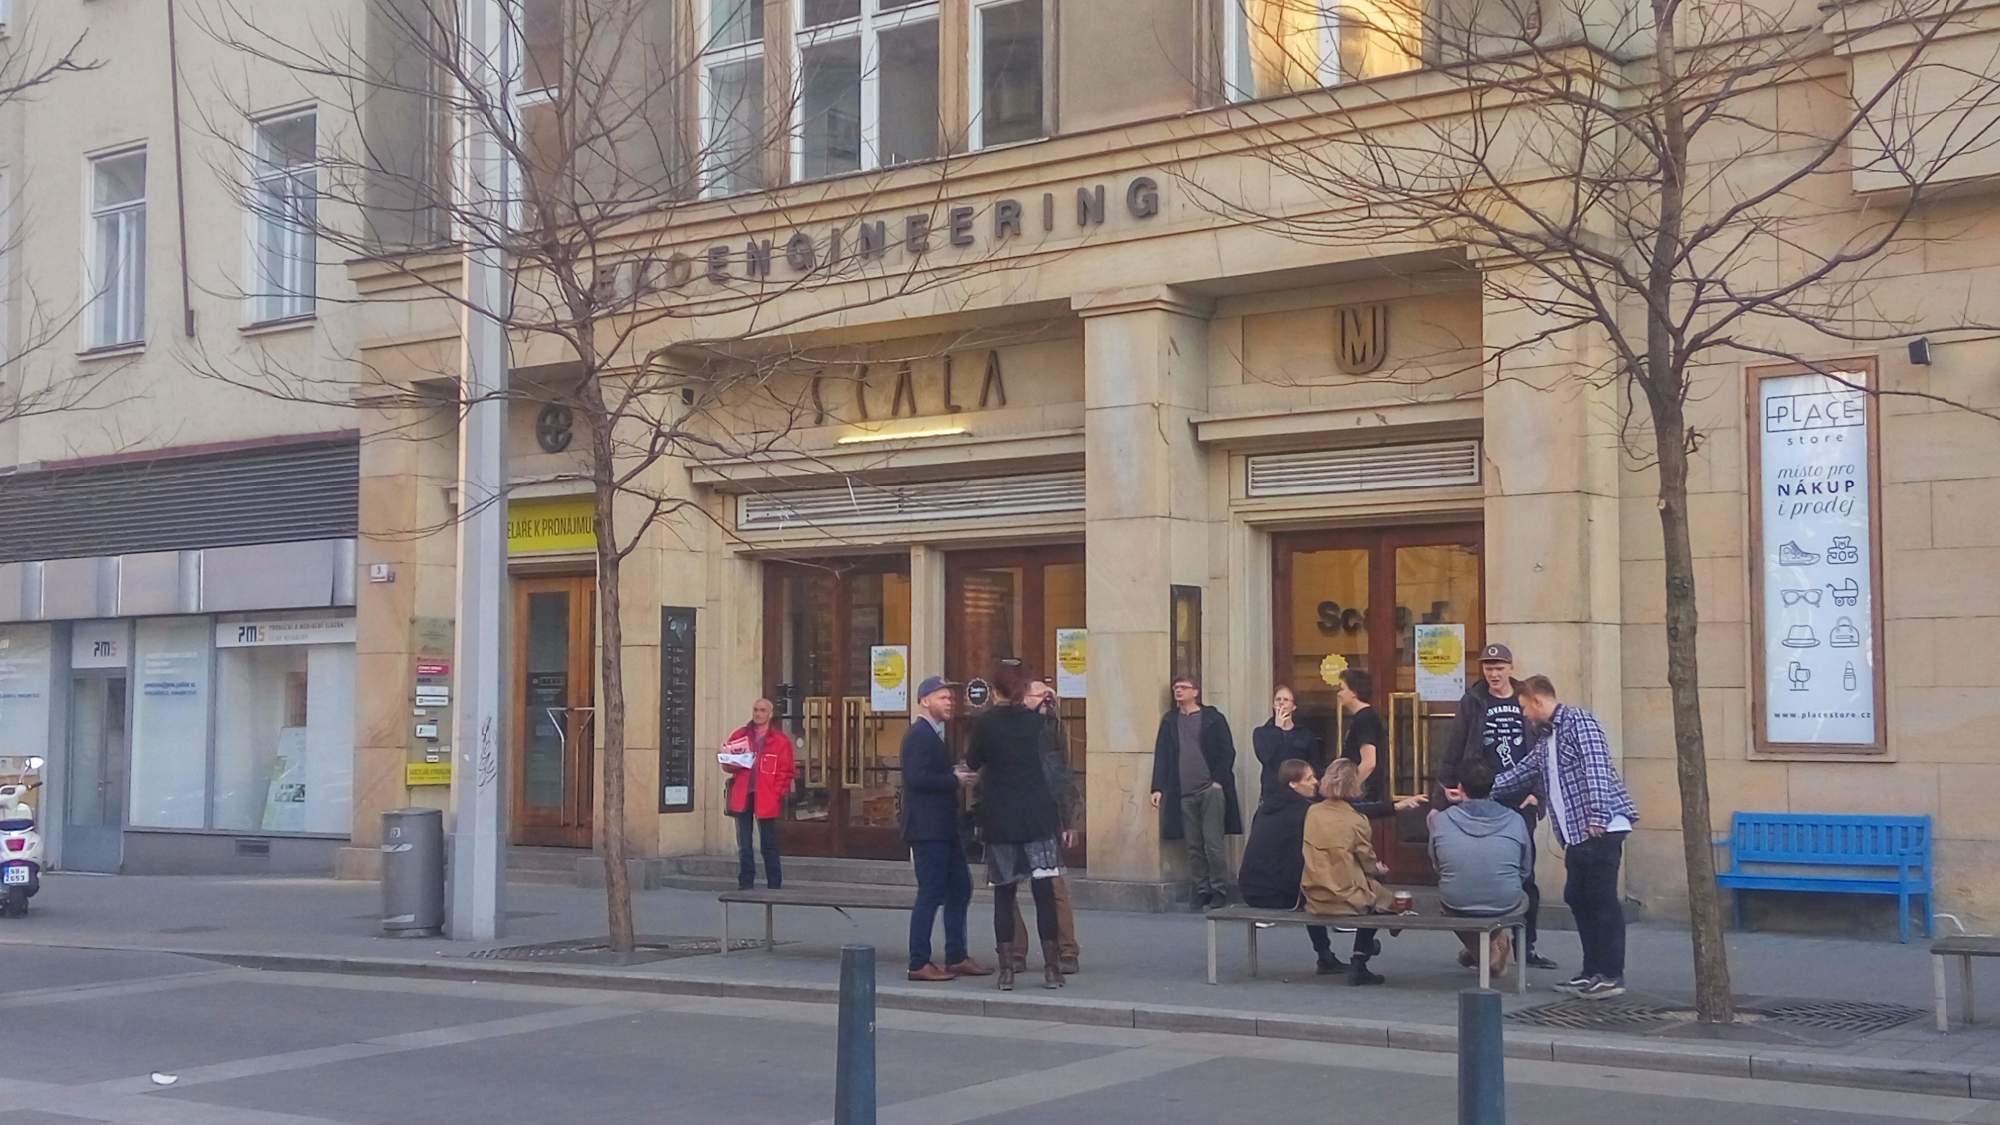 Festival Jeden svět potrvá do 4. dubna, jedním z promítacích míst je i kino Scala. Foto: Michaela Lebedíková